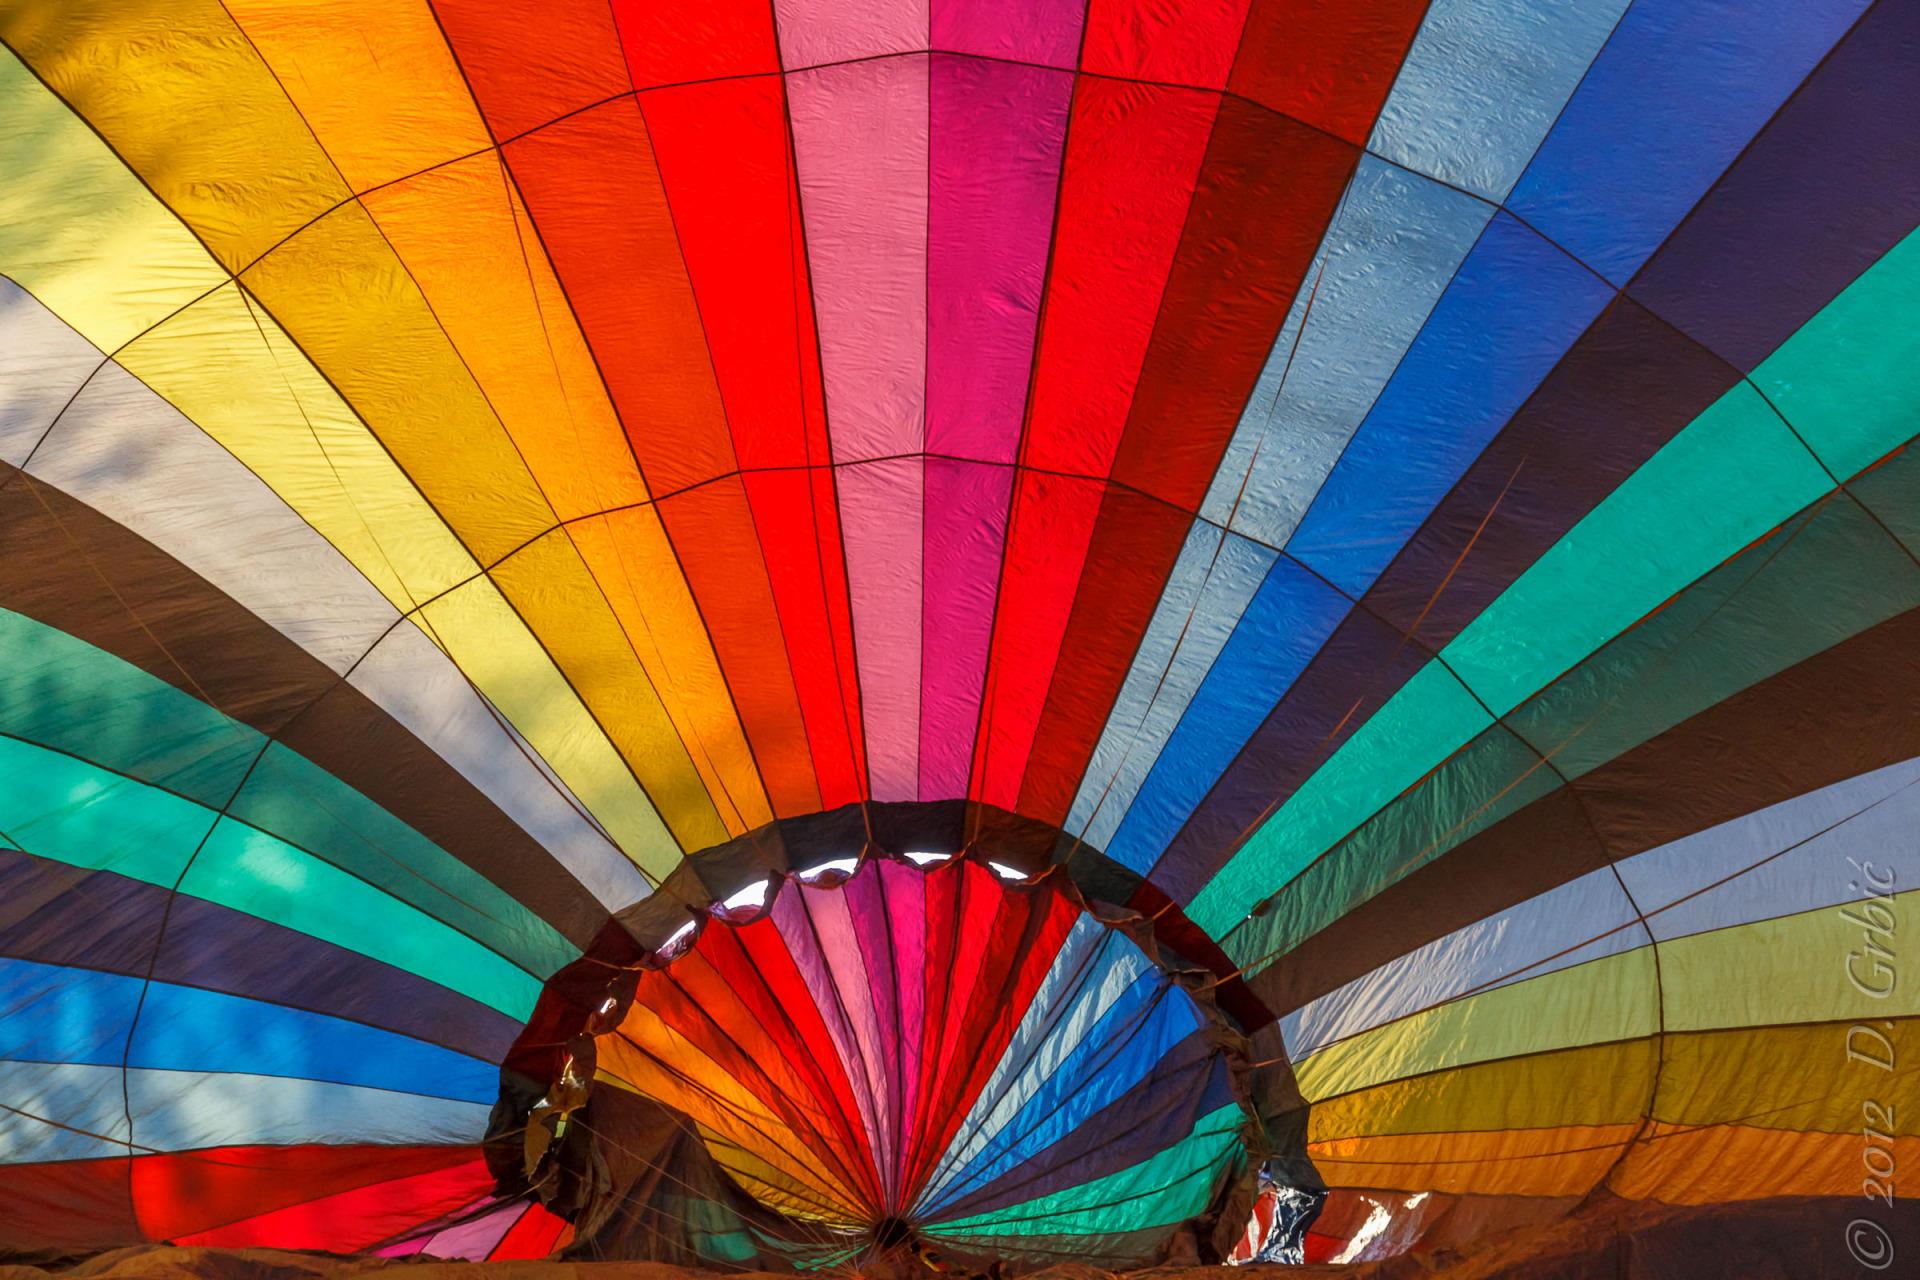 Jedna na dan, 10. septembar 2012: unutrašnjost balona